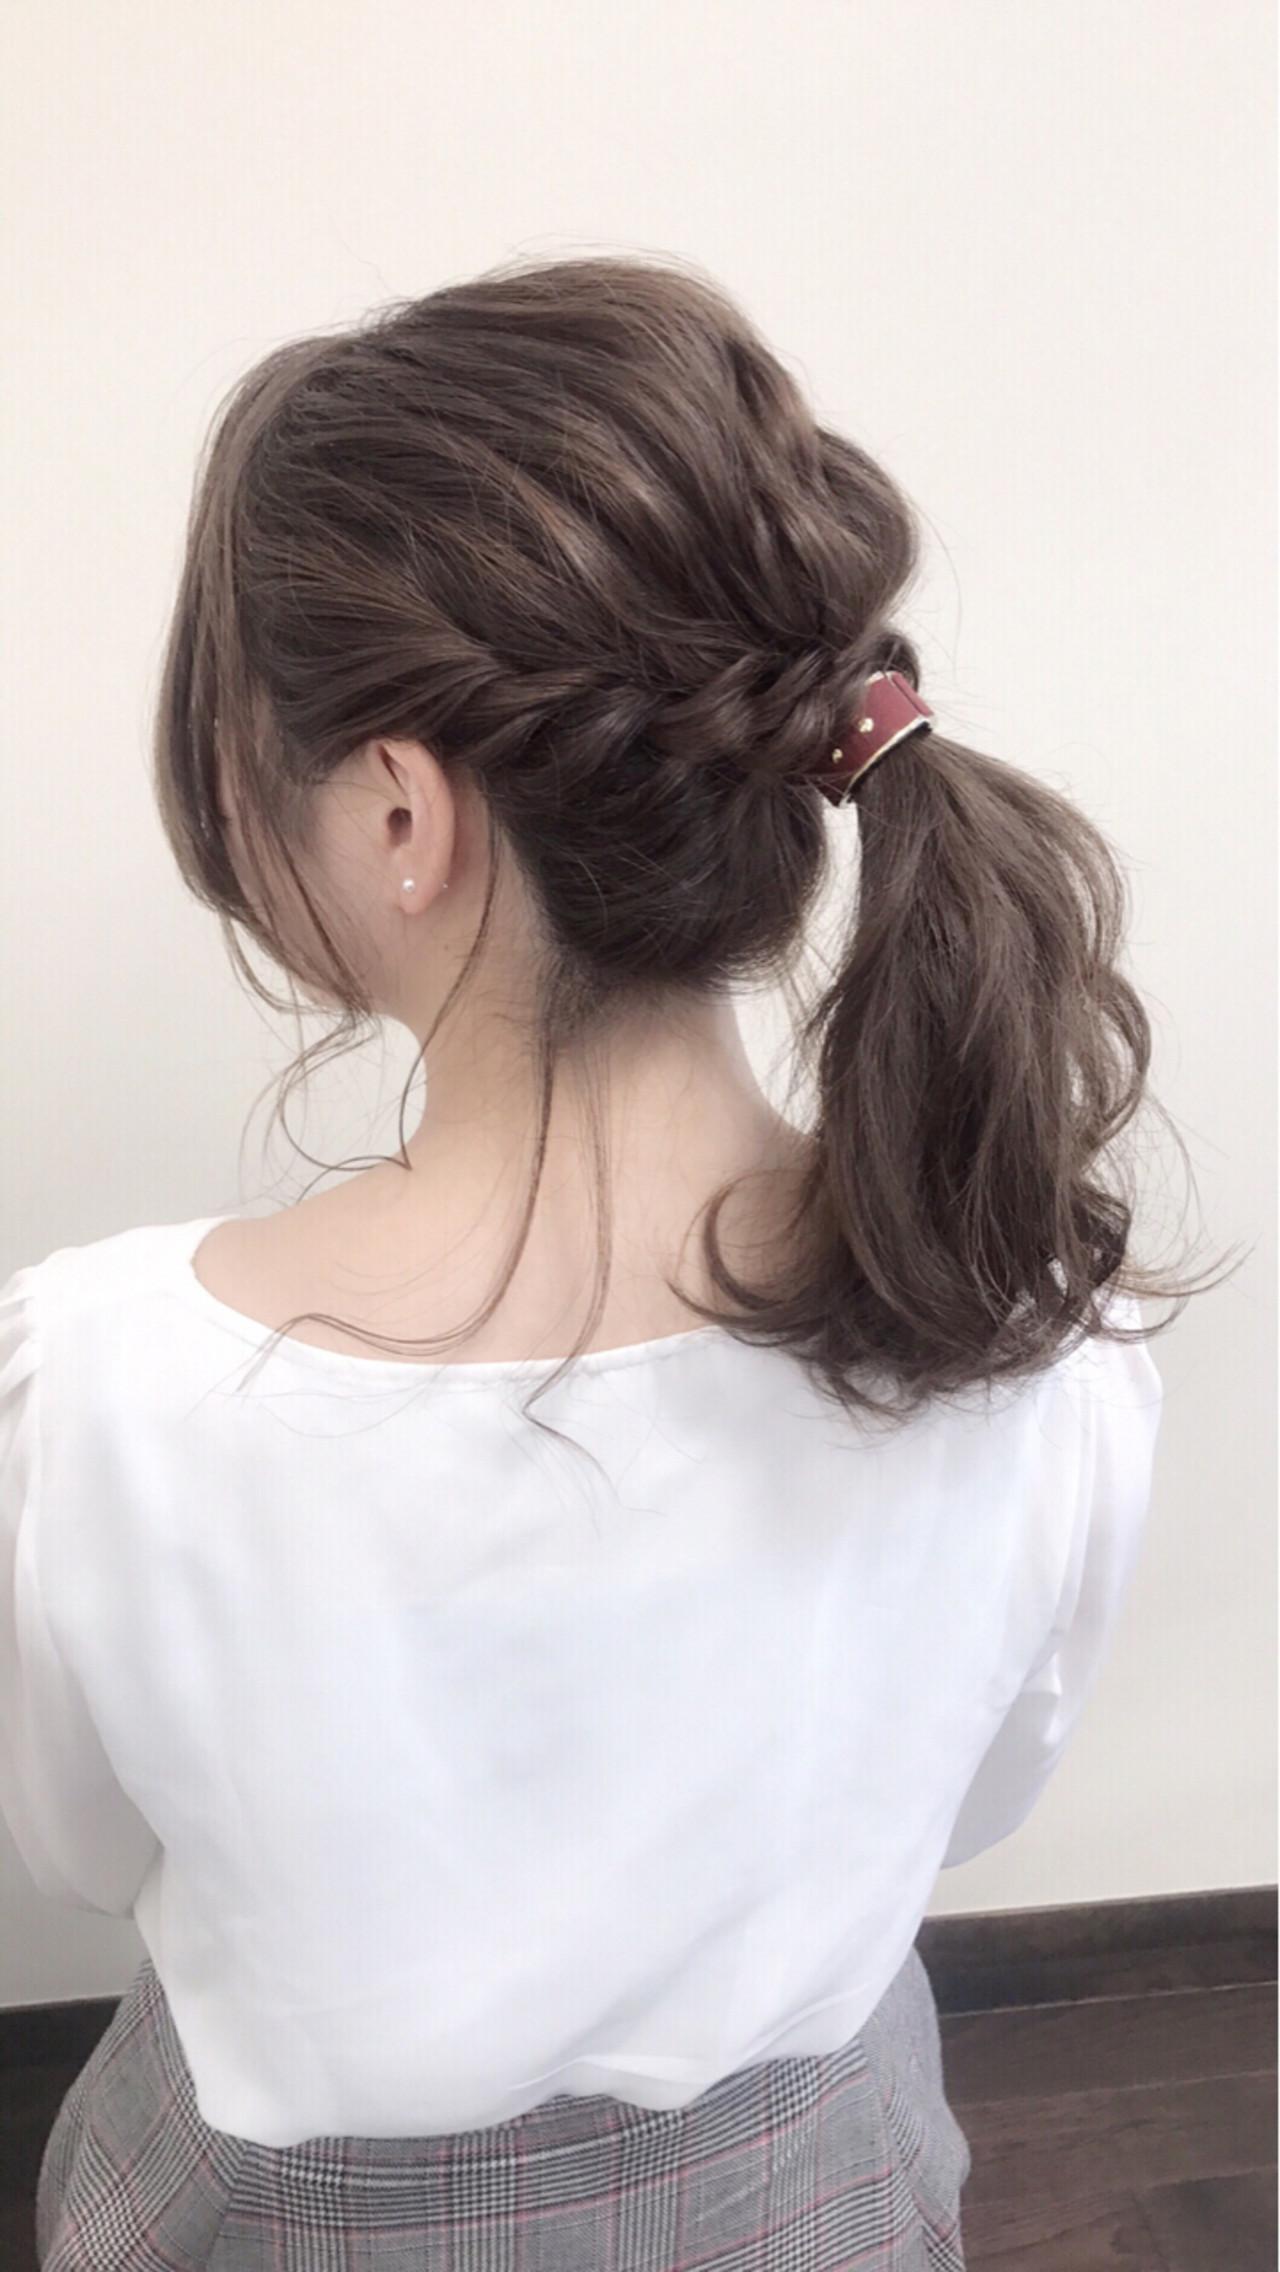 ヘアカフ風ヘアゴムで大人っぽく♡ 沢田 瞳